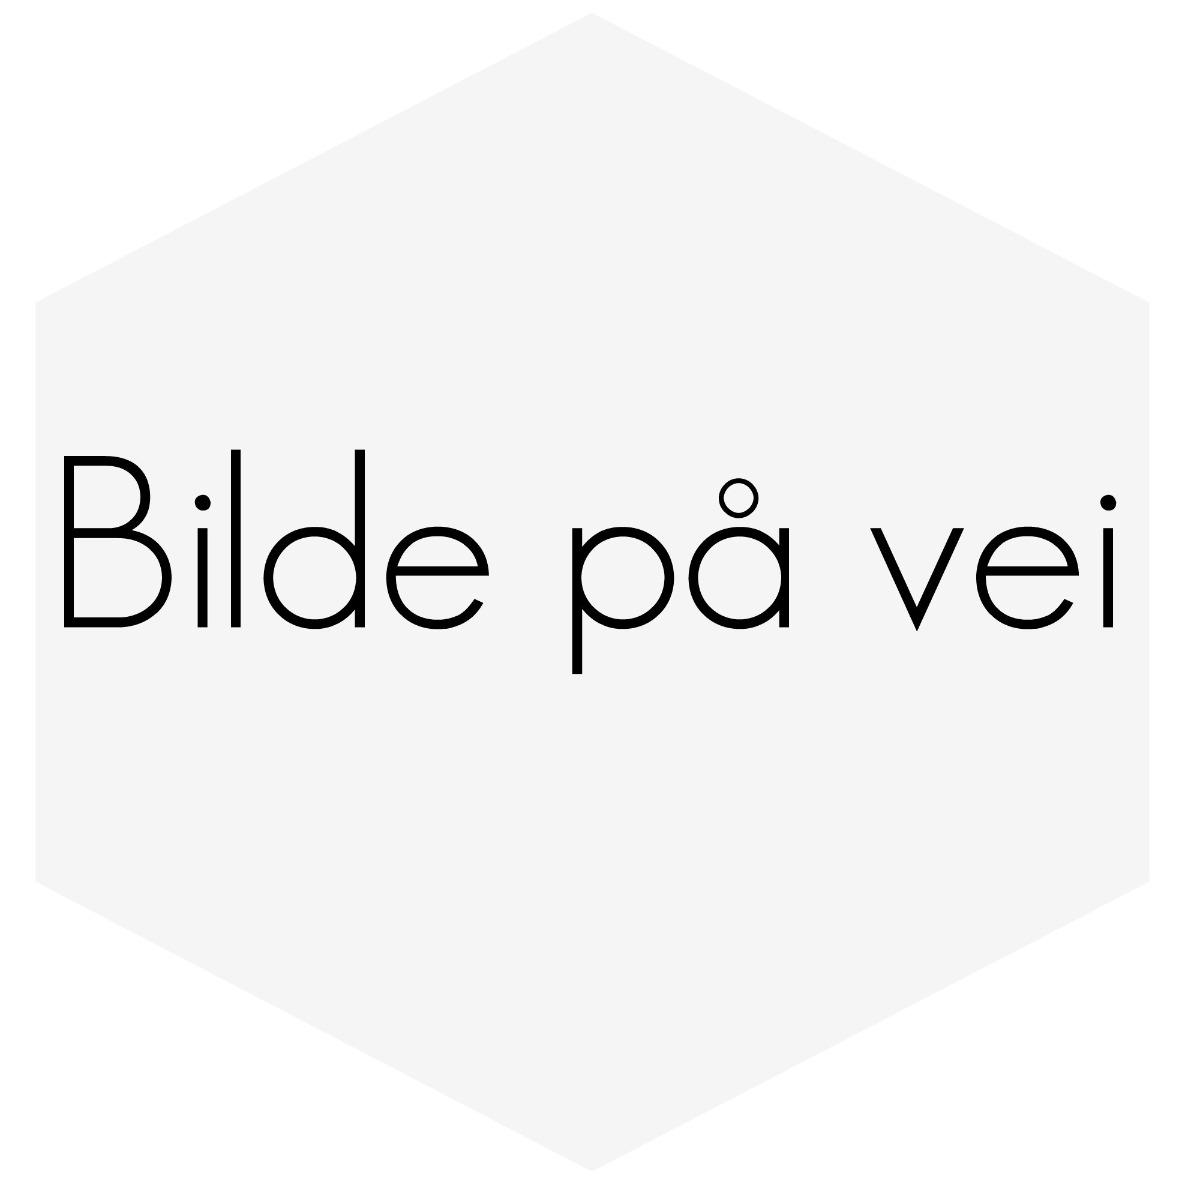 SINTERLAMMEL 228MM VOLVO 22SPLINS 6 PUCK MED FJÆRER